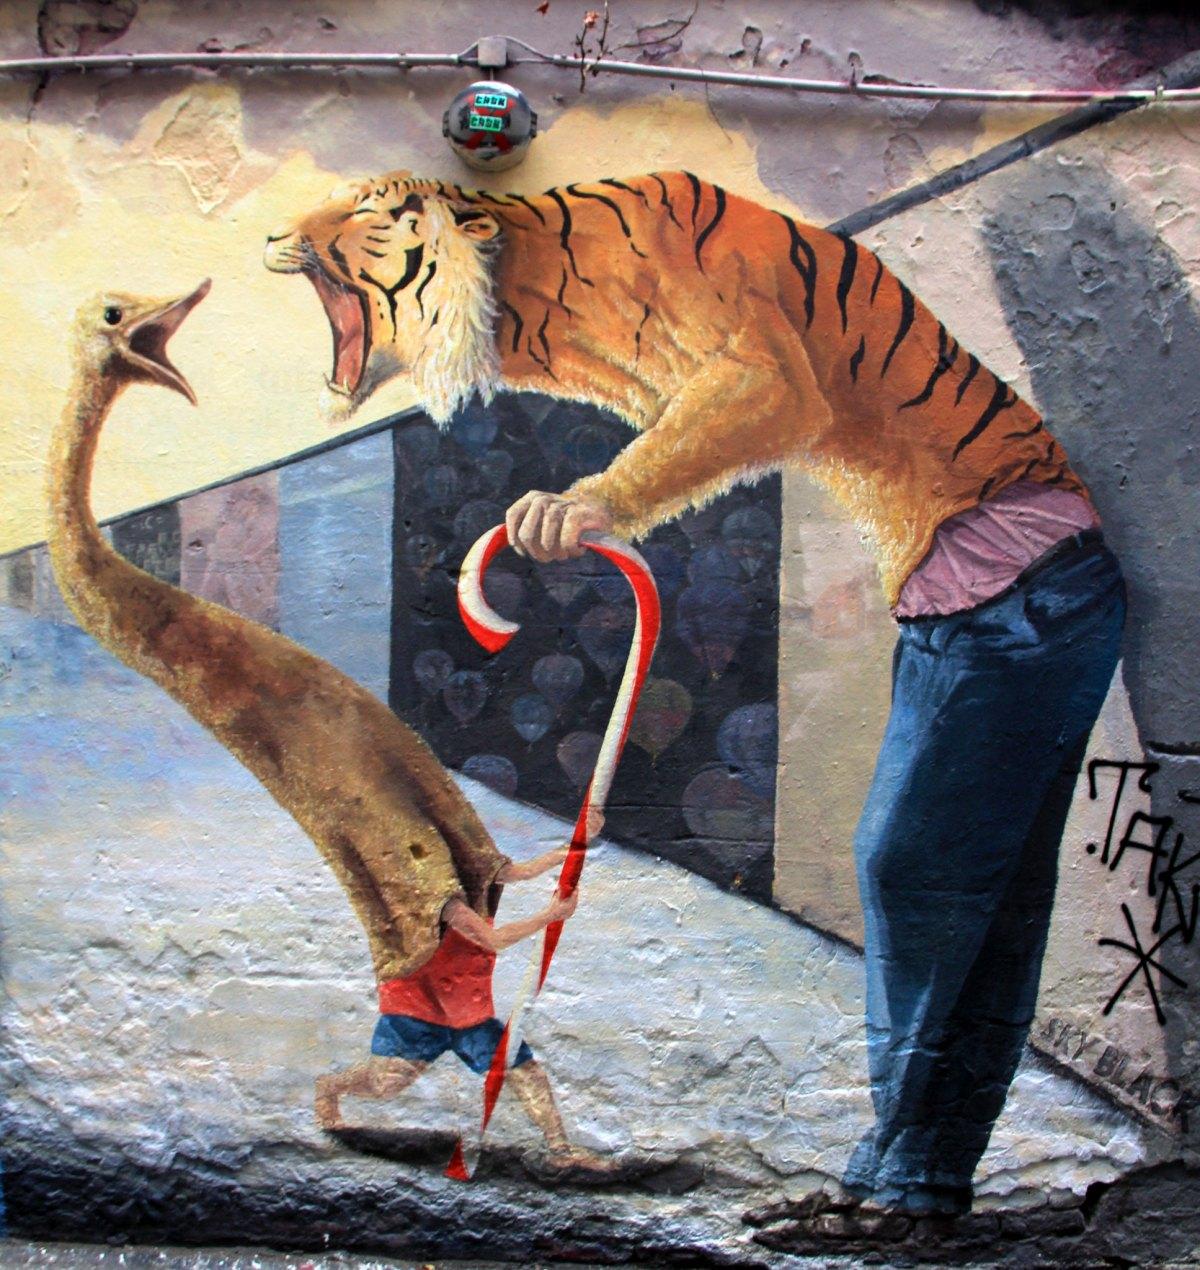 Street art seen at Berlin's East Side Gallery